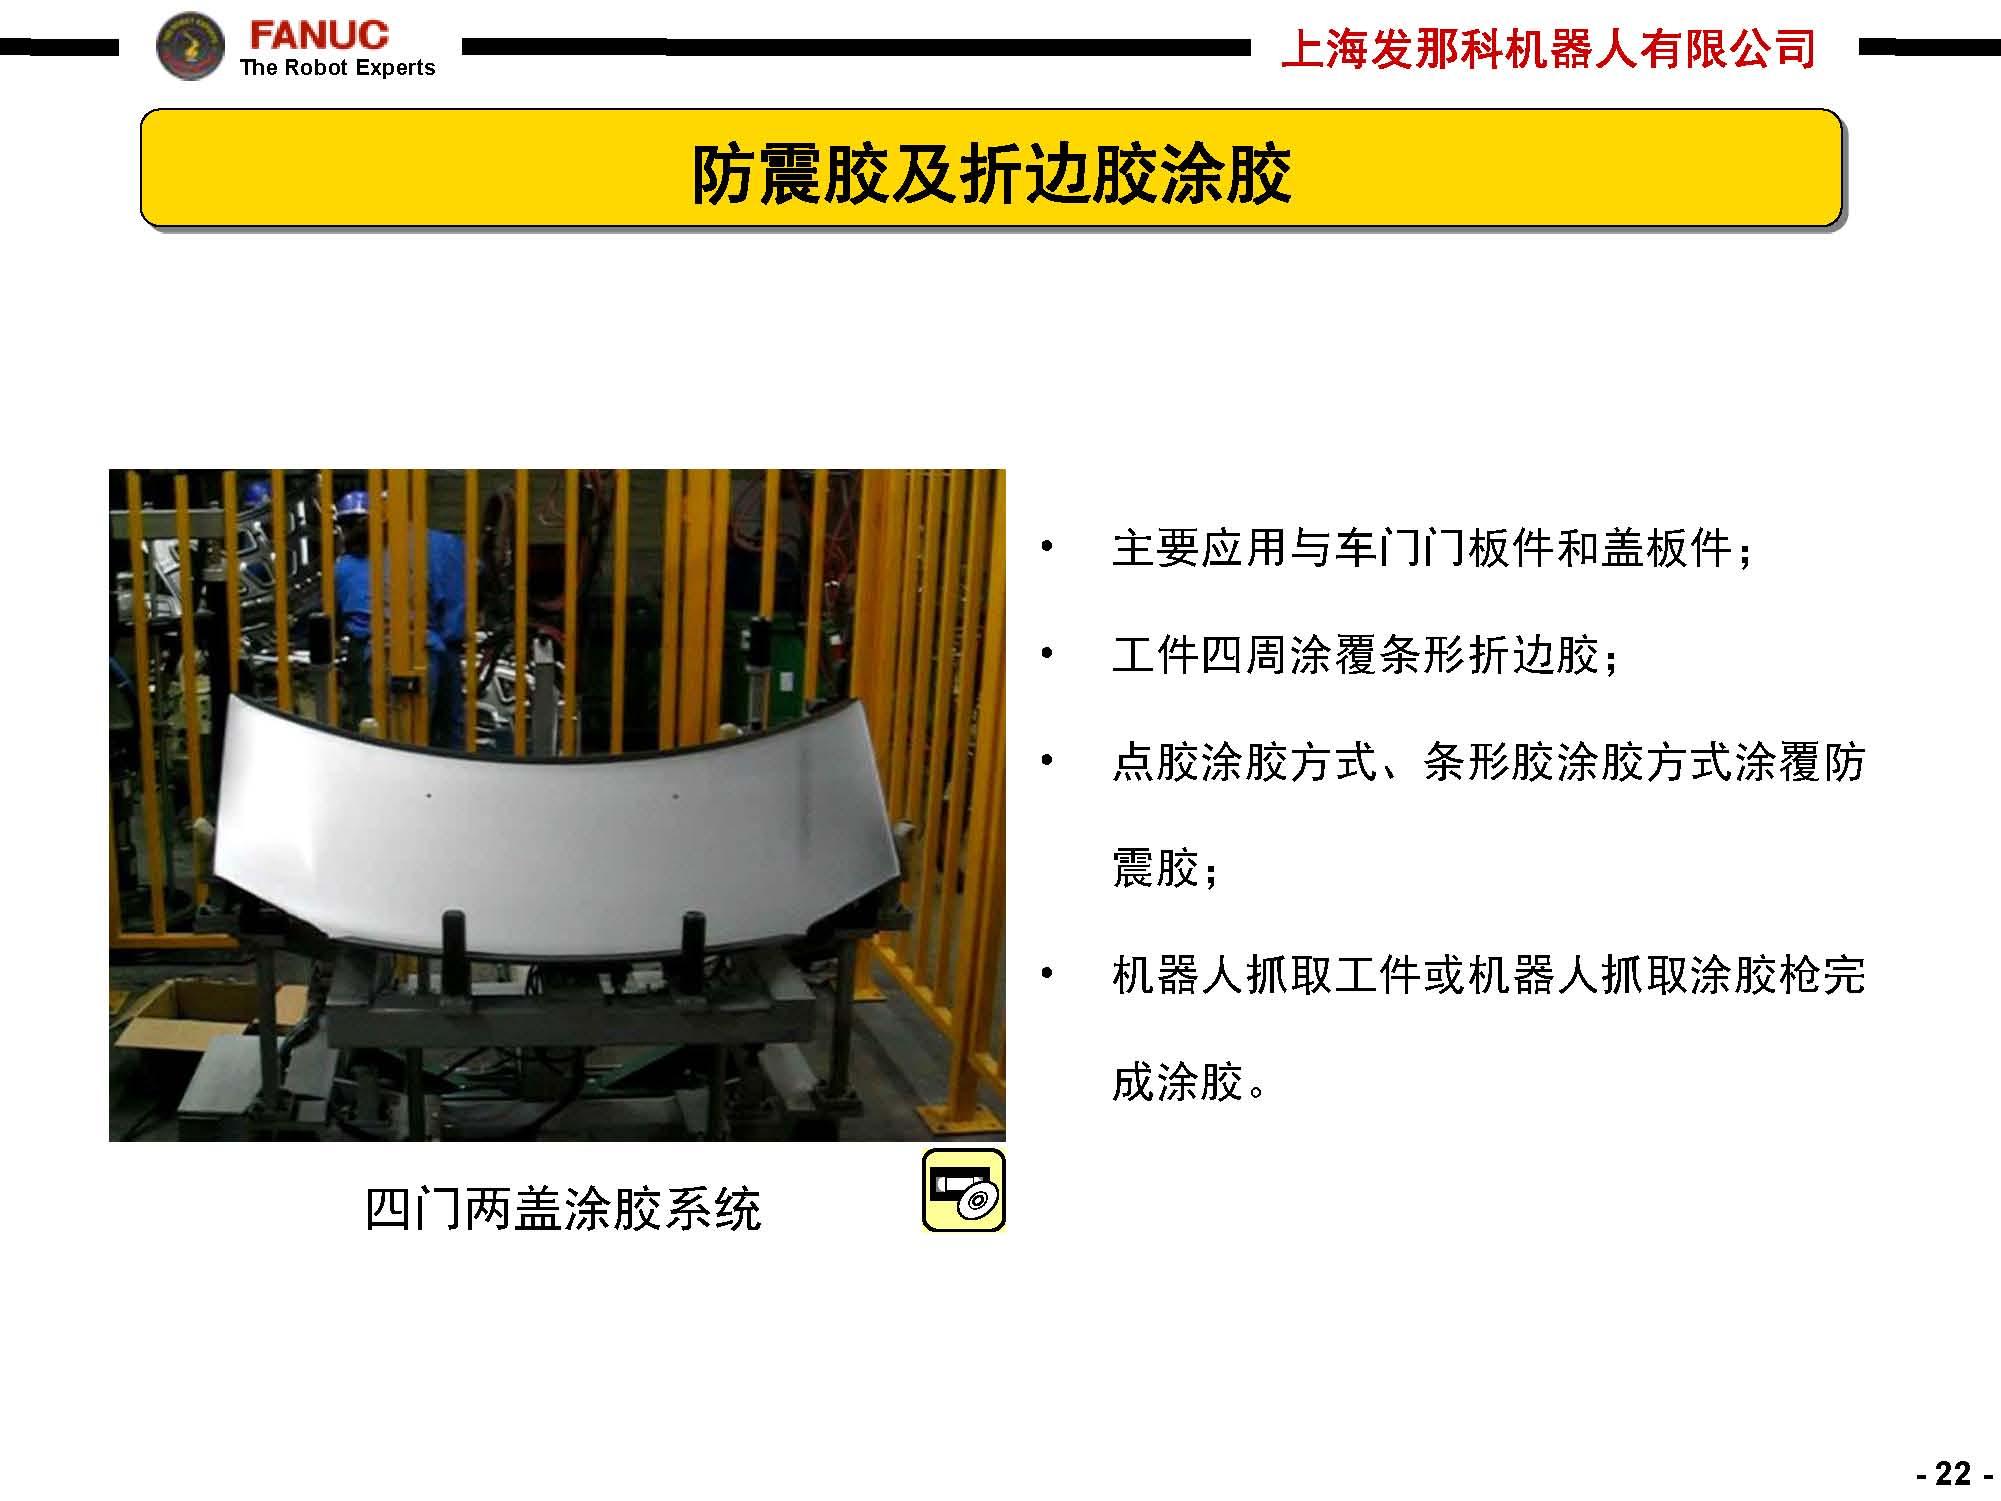 机器人在涂胶行业的应用